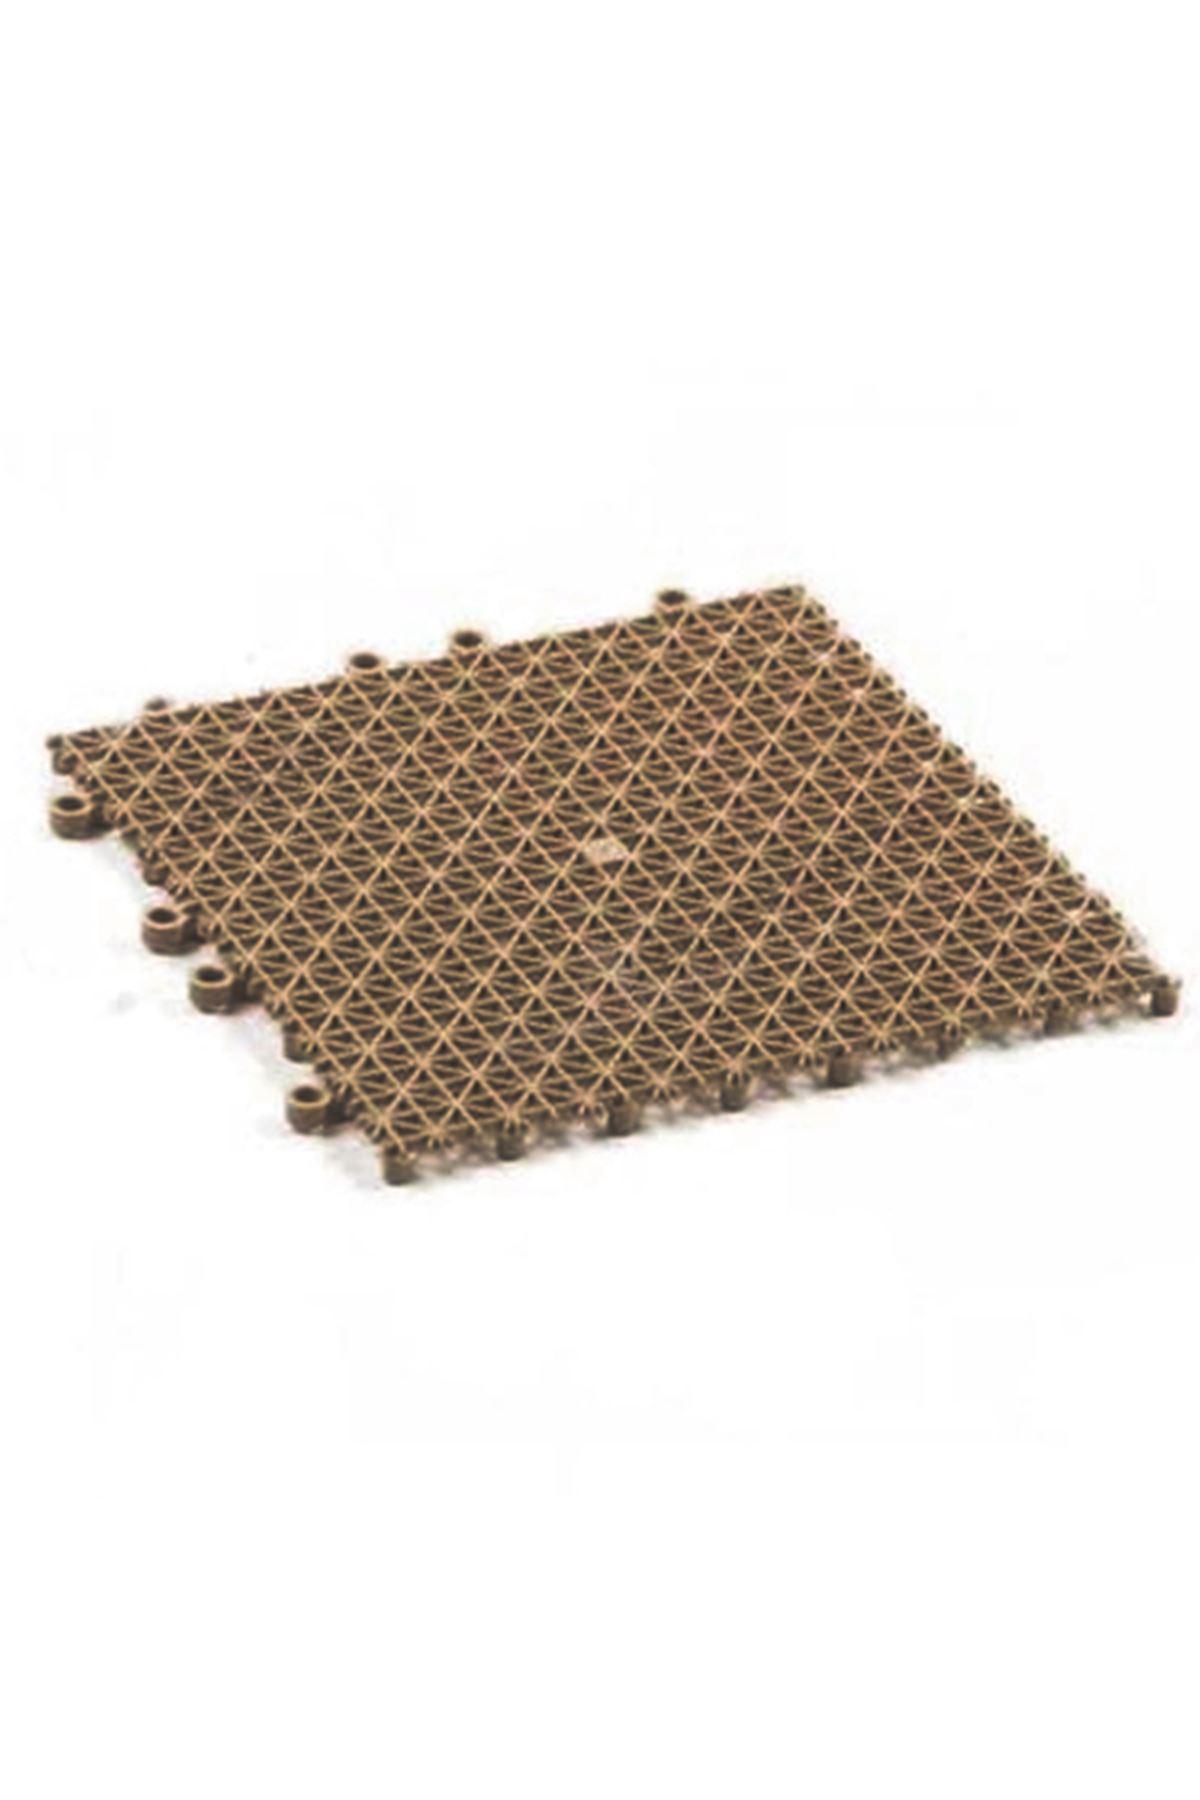 Koyu Kahve Plastik Kırılmaz Yer Karosu Zemin Kaplaması 1m2 ( 16 Adet ) 25 X 25 cm